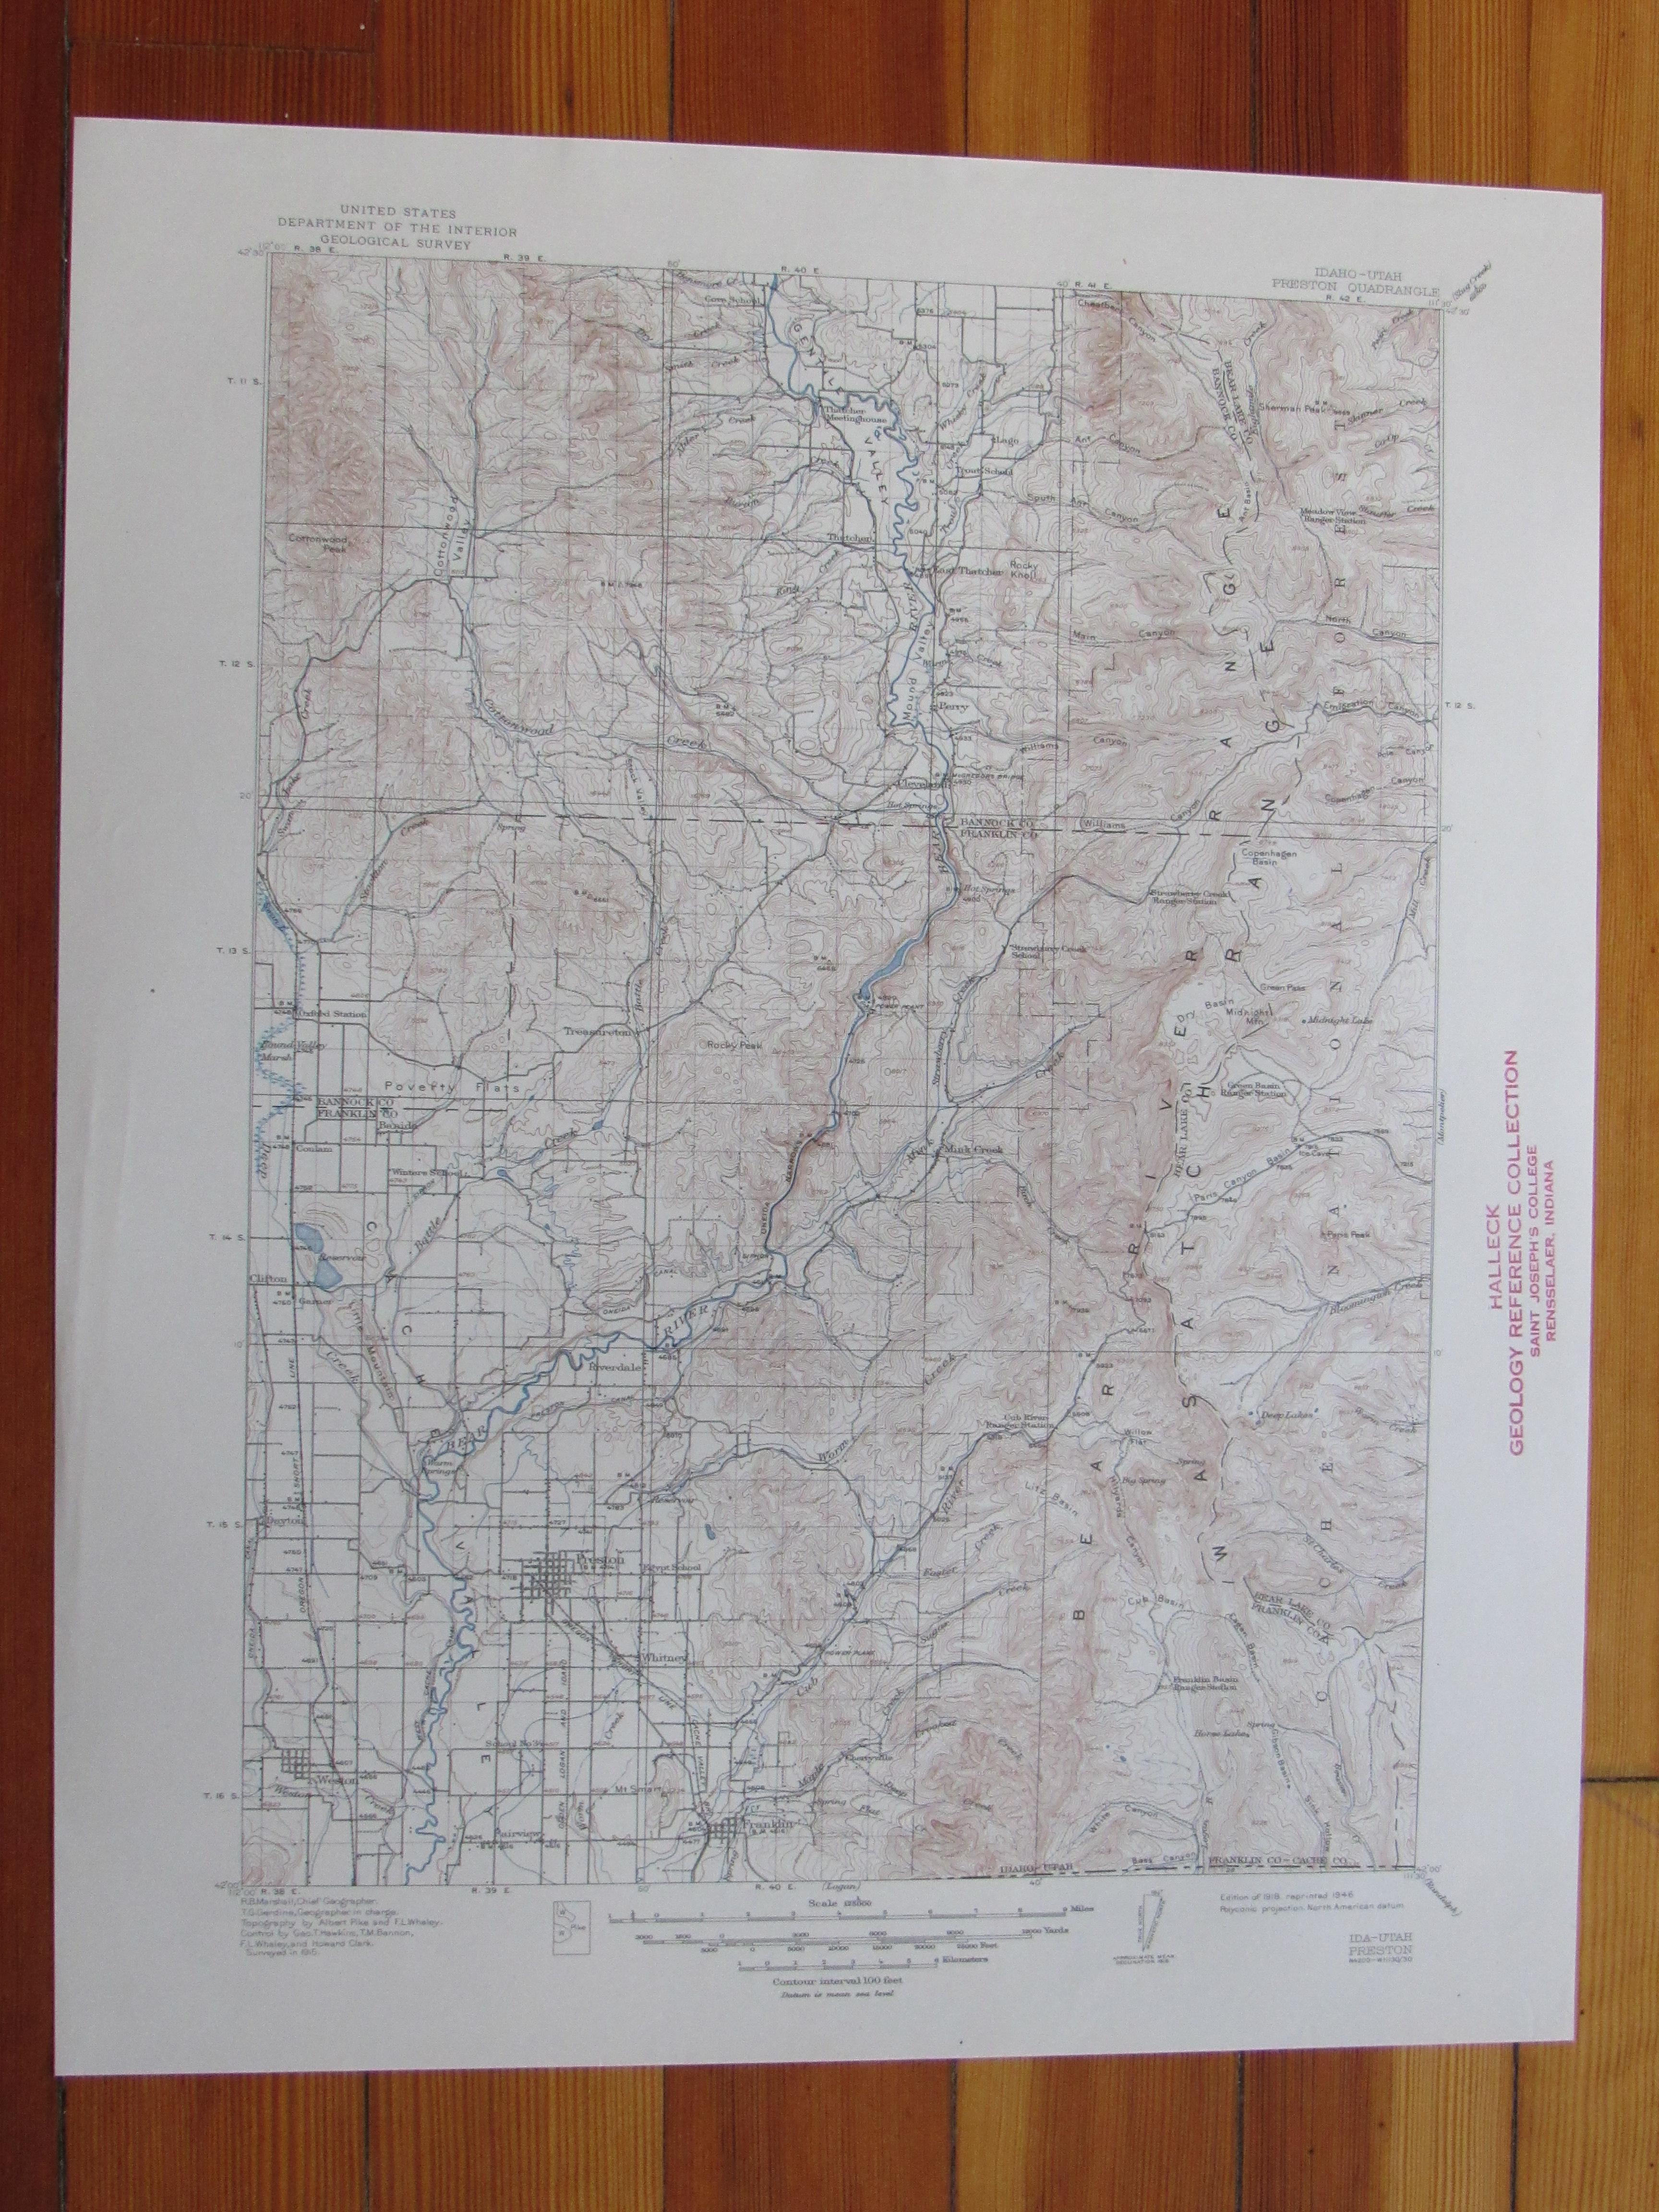 Preston Idaho 1946 Original Vintage USGS Topo Map   eBay